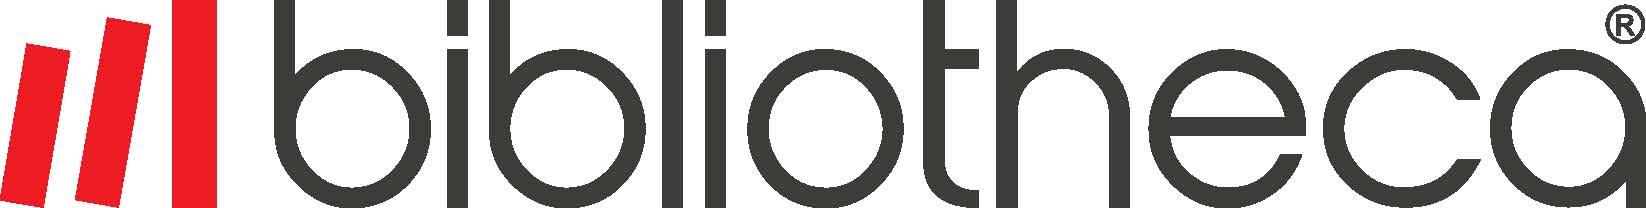 Bibliotheca_logo_color